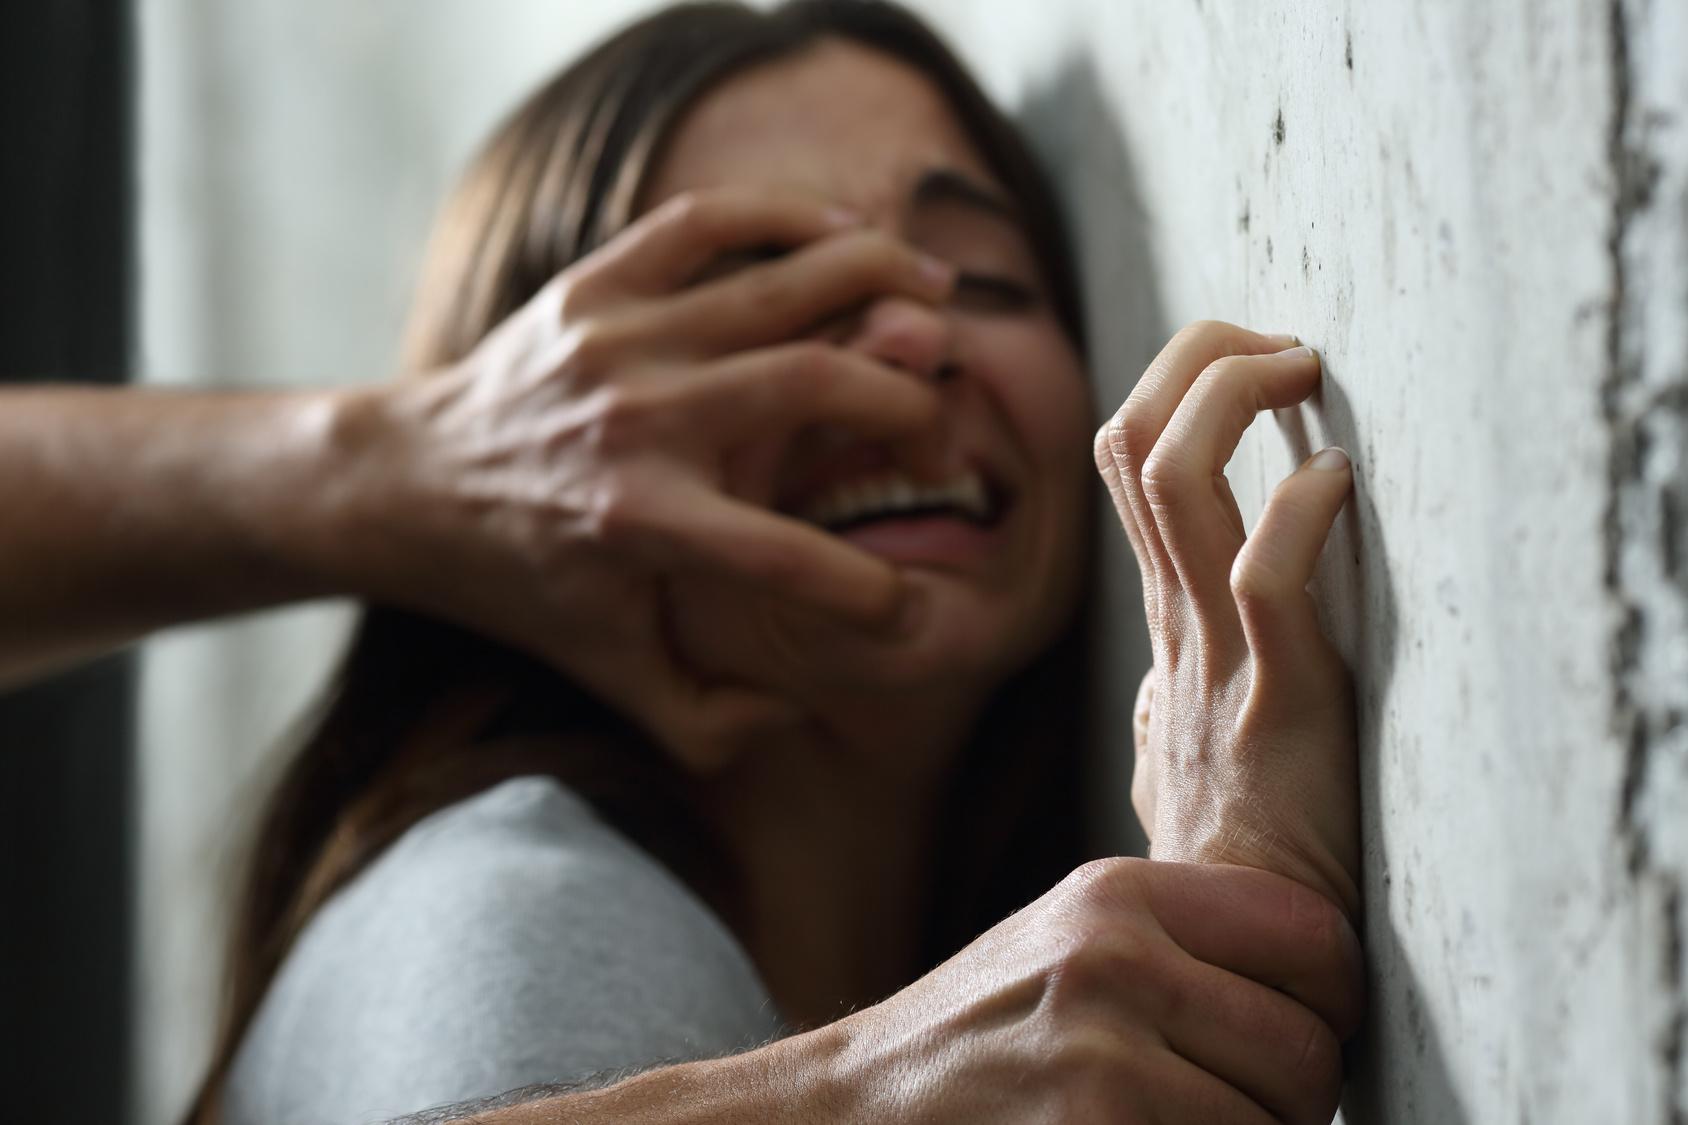 Zwei Männer vergewaltigen 13-Jährige Zuhause